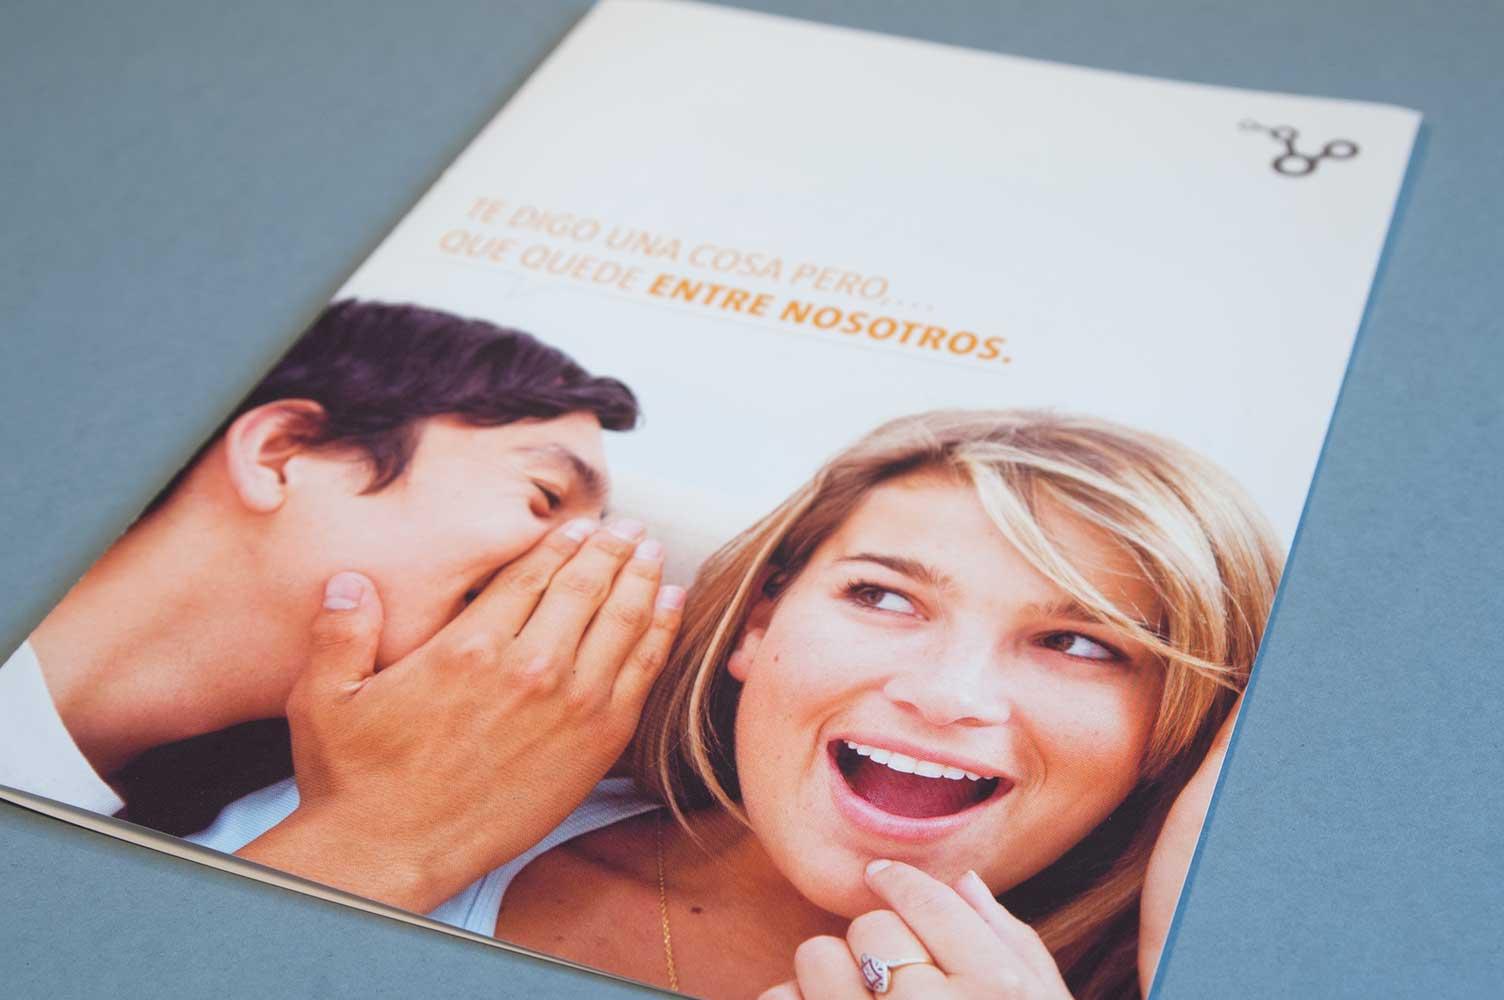 Folleto de campaña tarjeta de cliente EntreNosotros